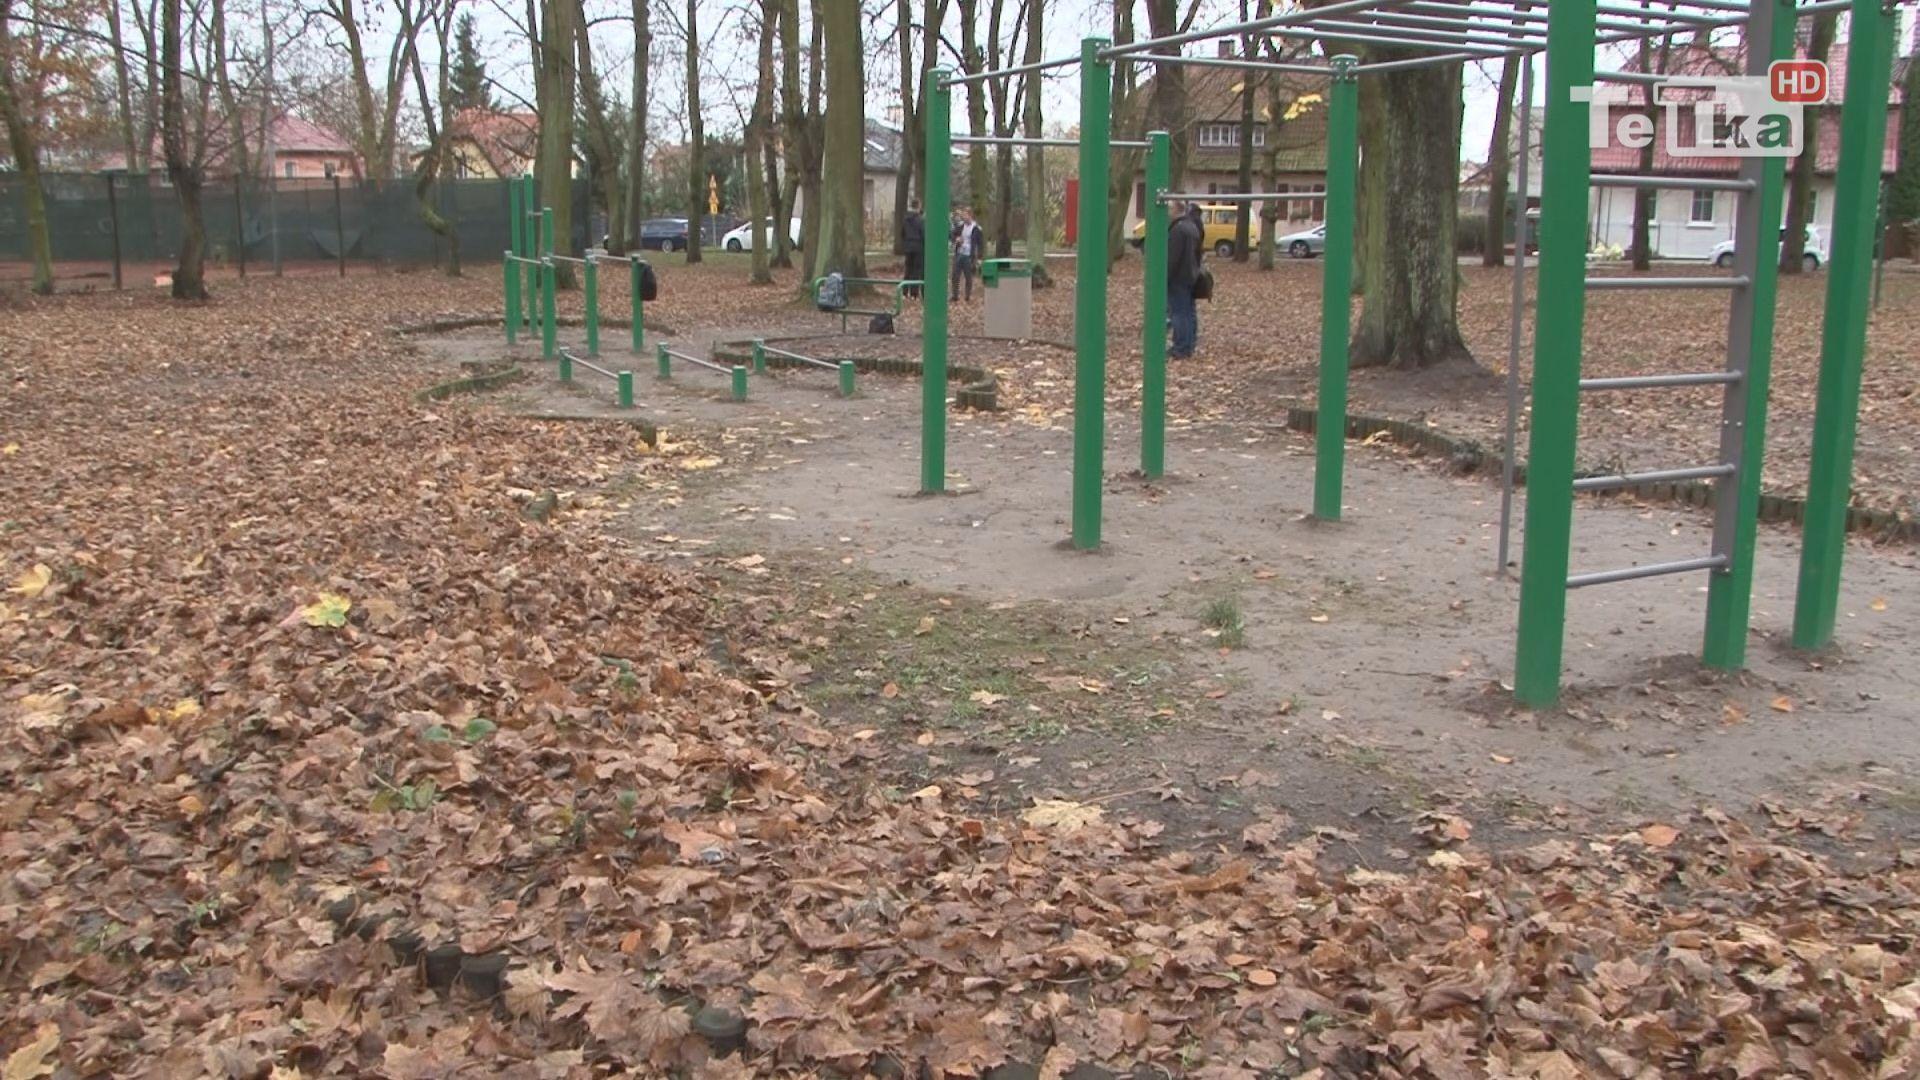 Nowa ścieżka zdrowia w Parku Miejskim